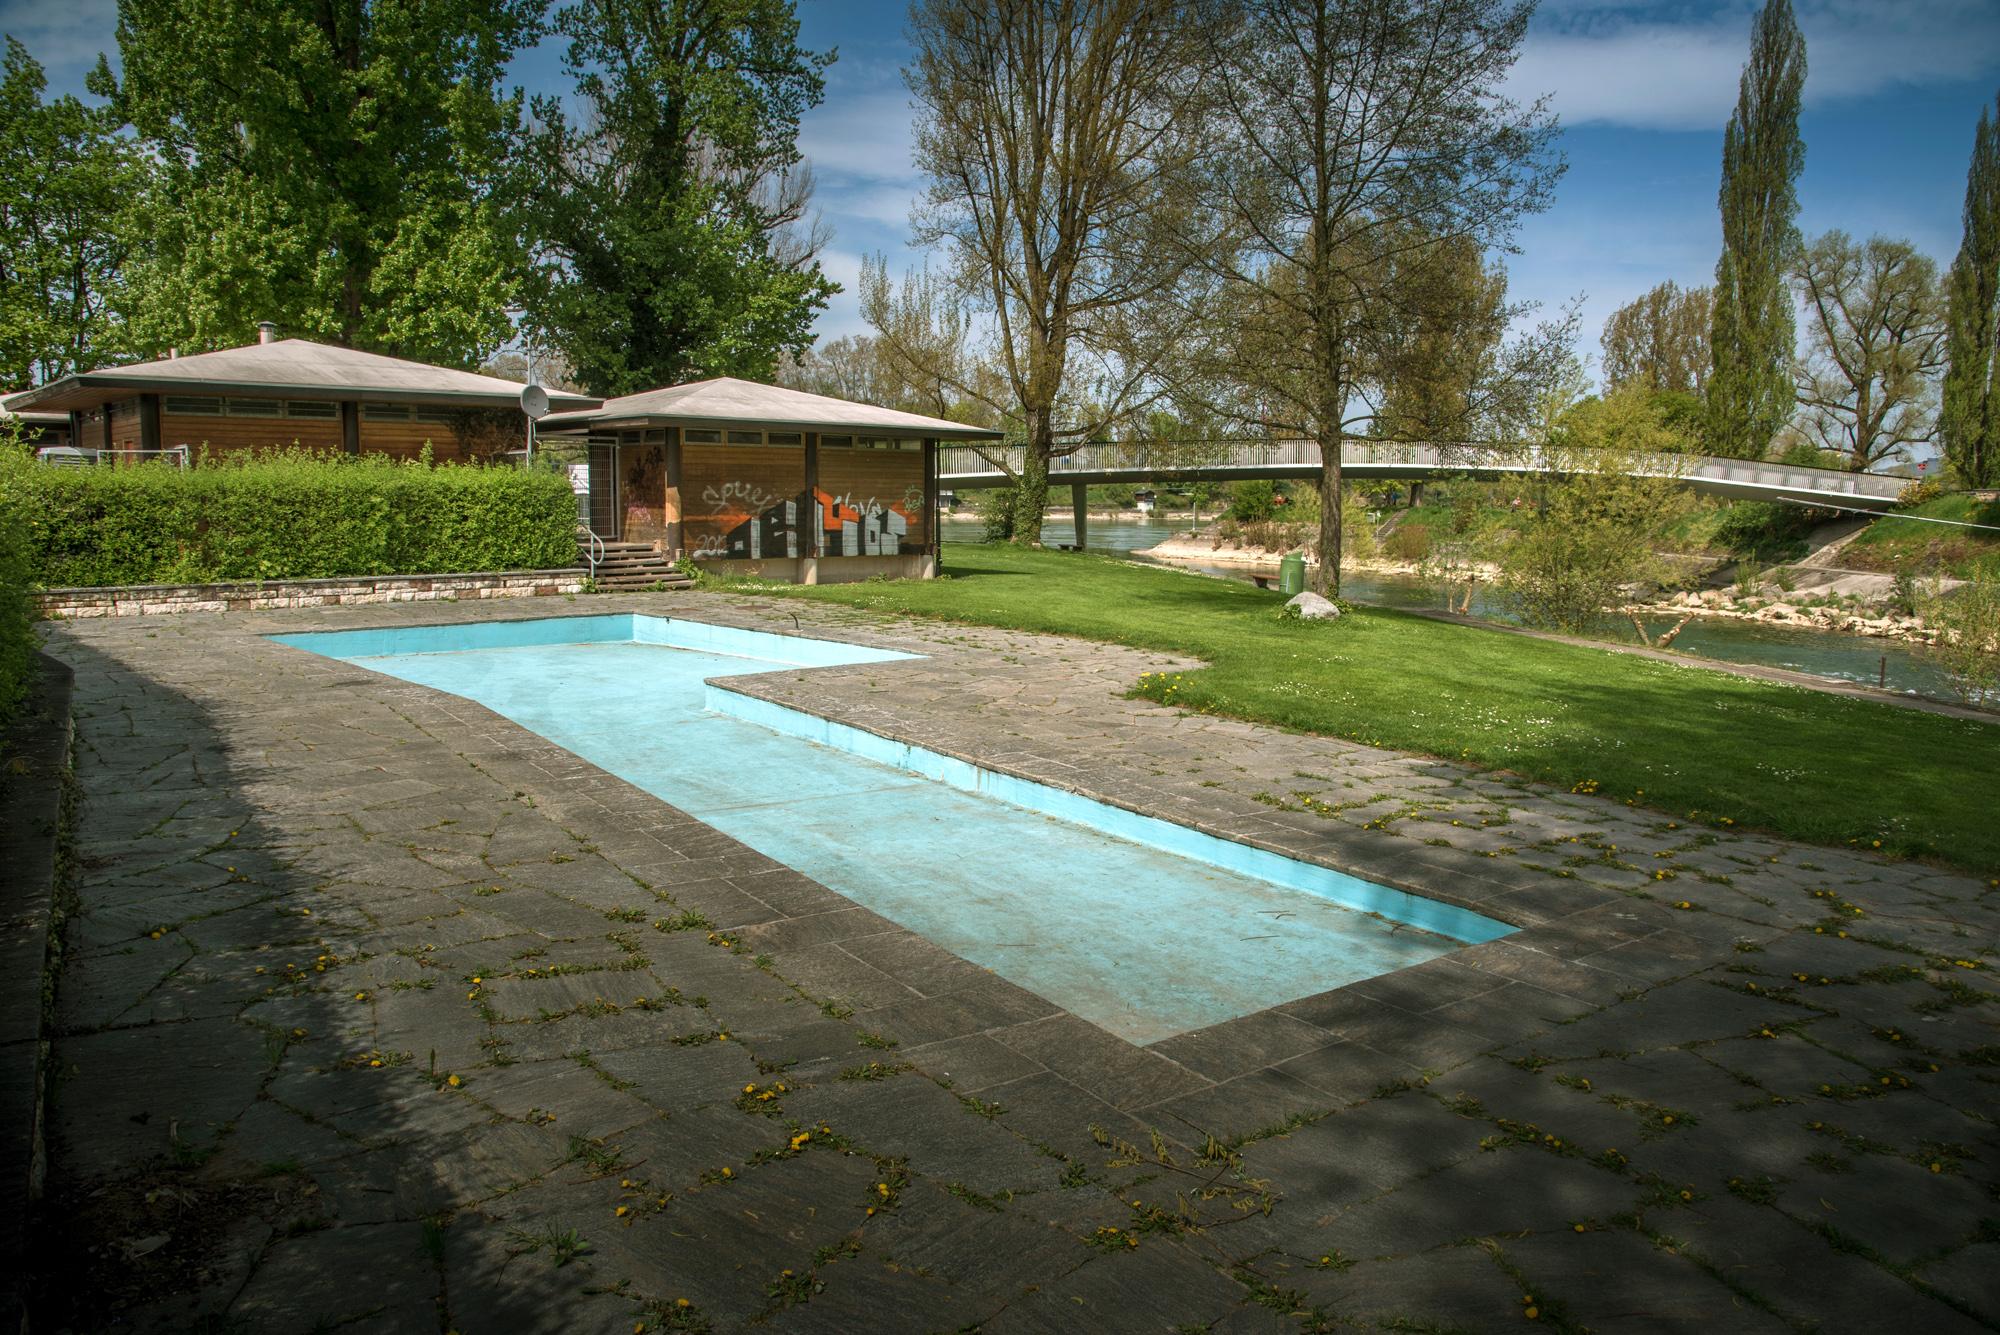 Pünktlich zur Eröffnung wird auch das Plantschbecken hinter dem Restaurant für die kleinen Schwimmer bereitstehen.